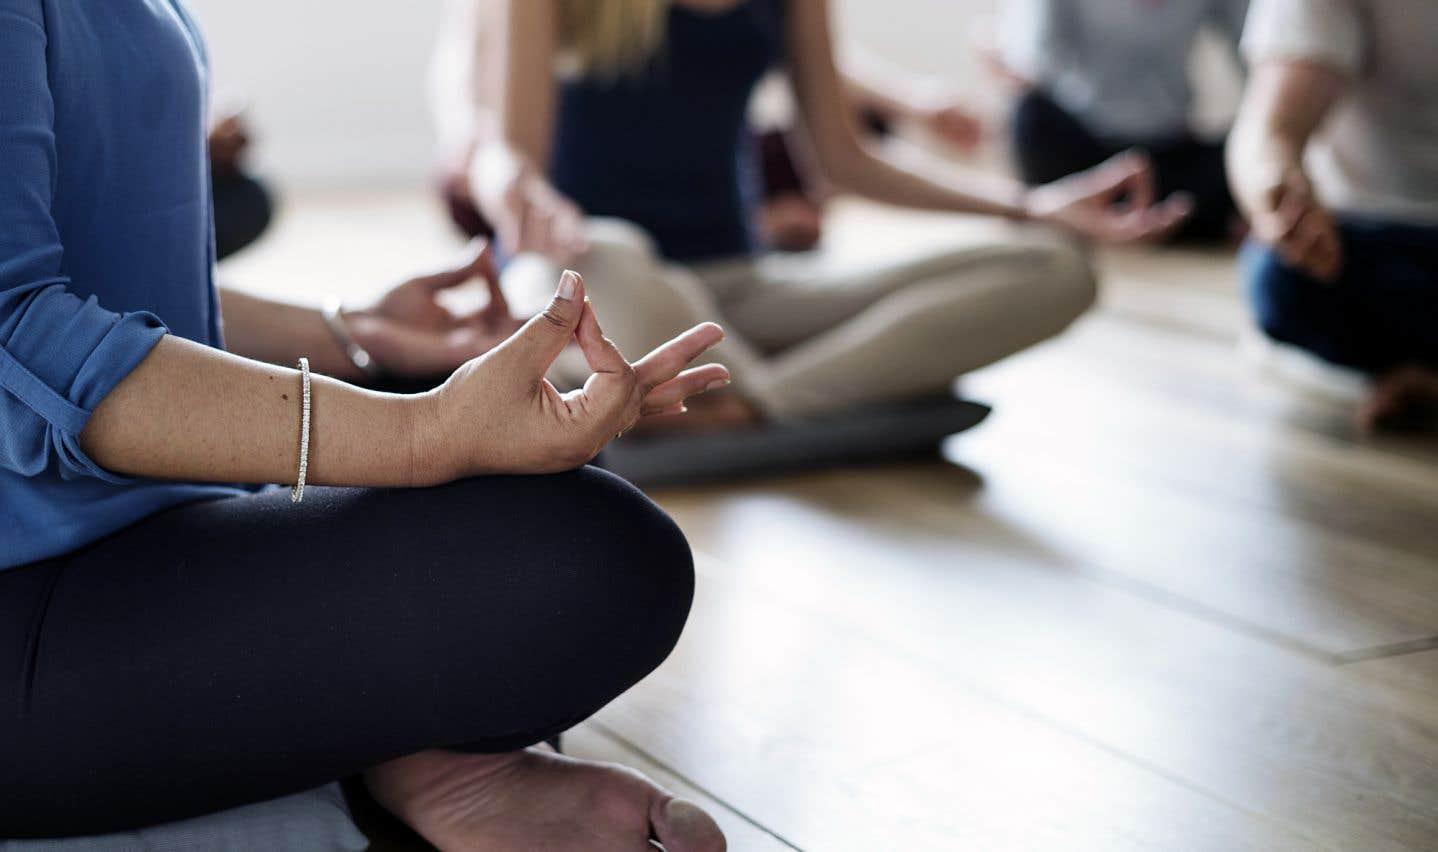 Seules 25% des études publiées jusqu'en 2015 évaluaient les effets indésirables associés à la pratique de la méditation.